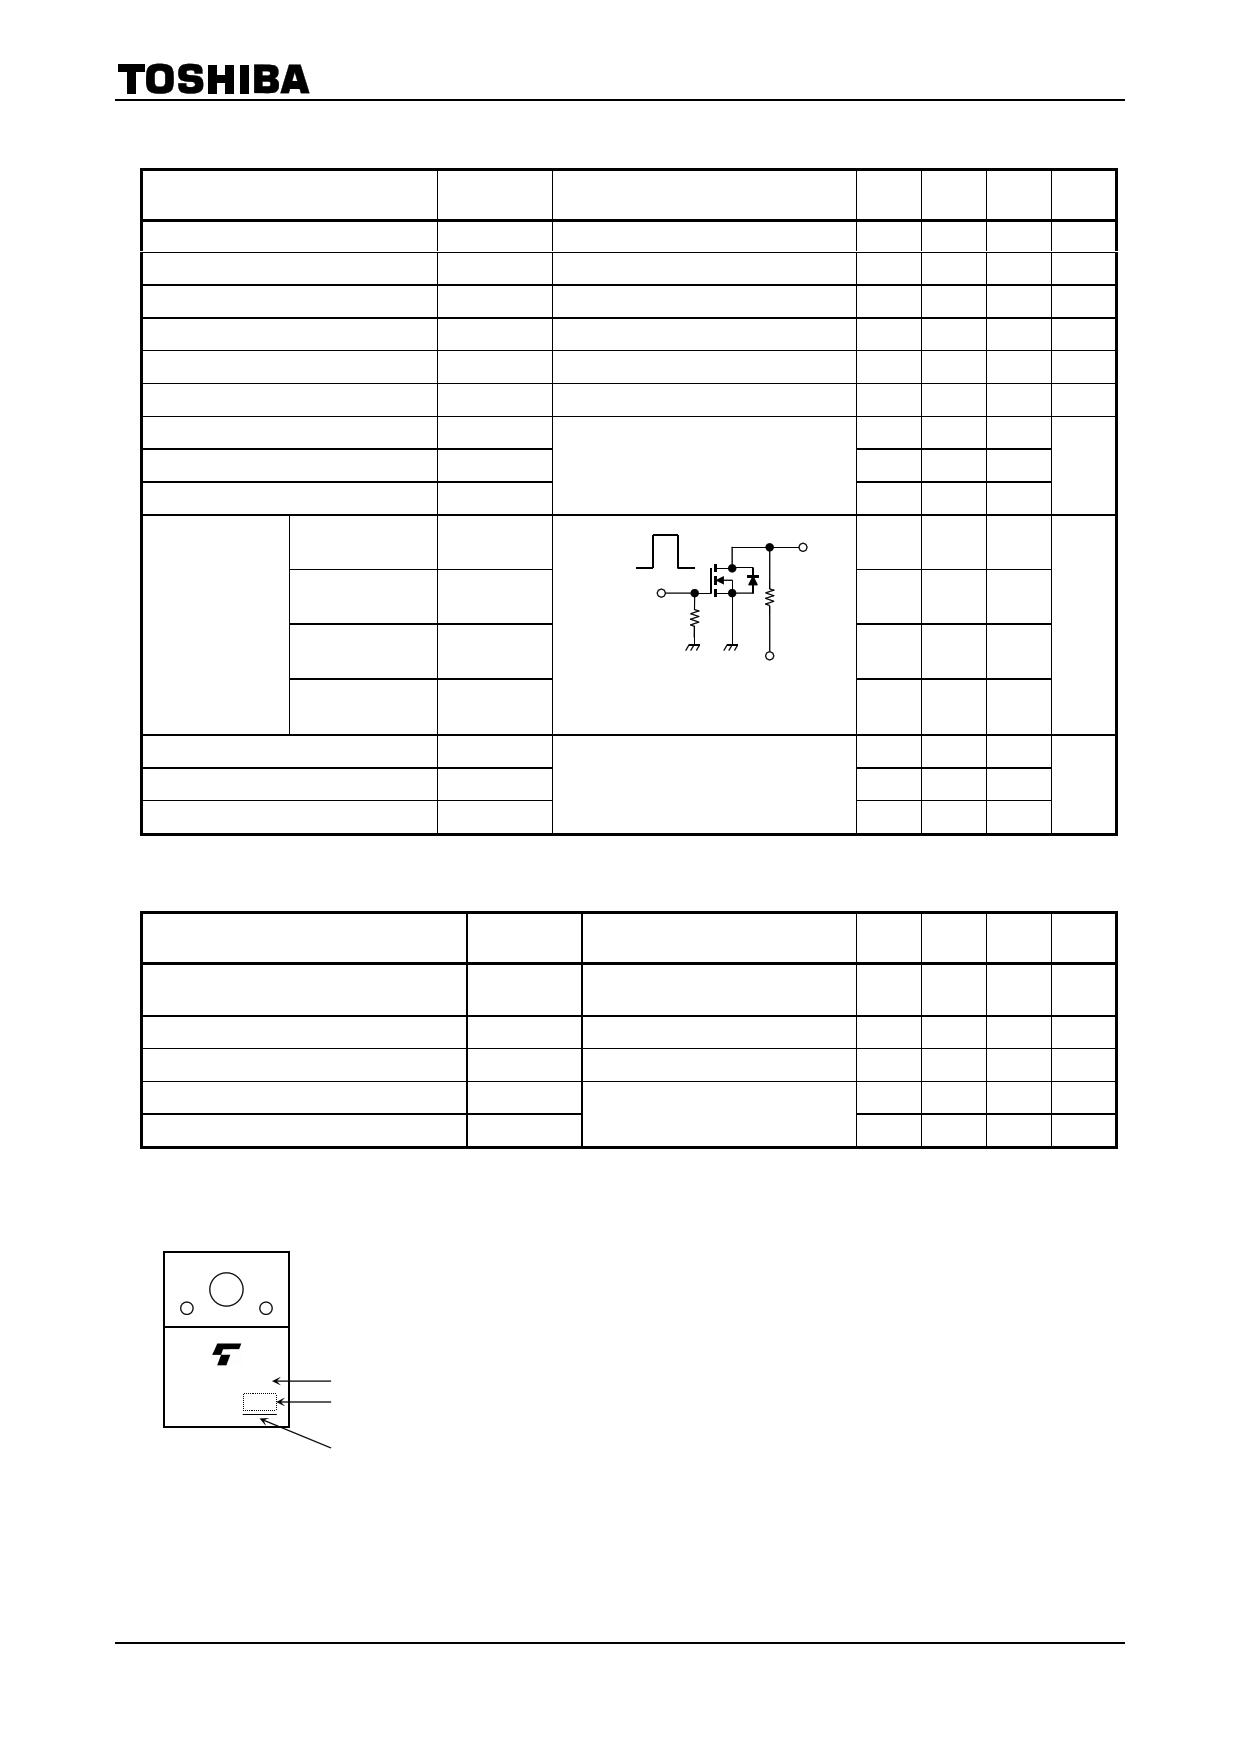 K6A60D pdf pinout